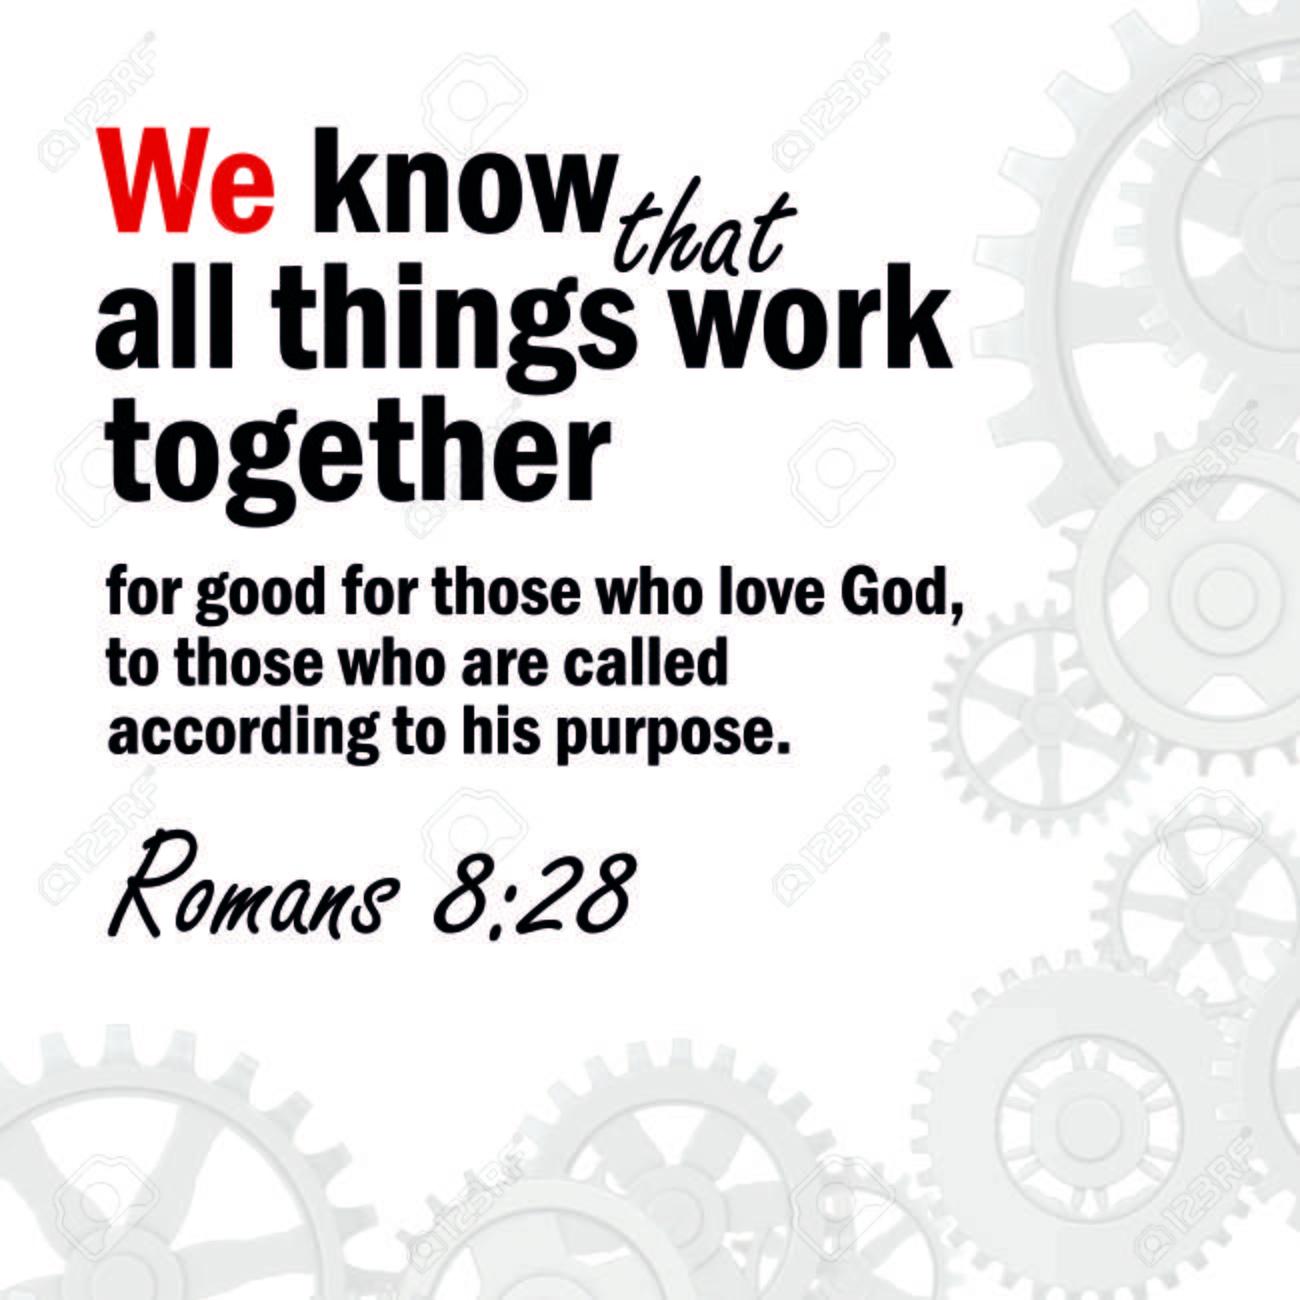 Romans 8:28, Part 1